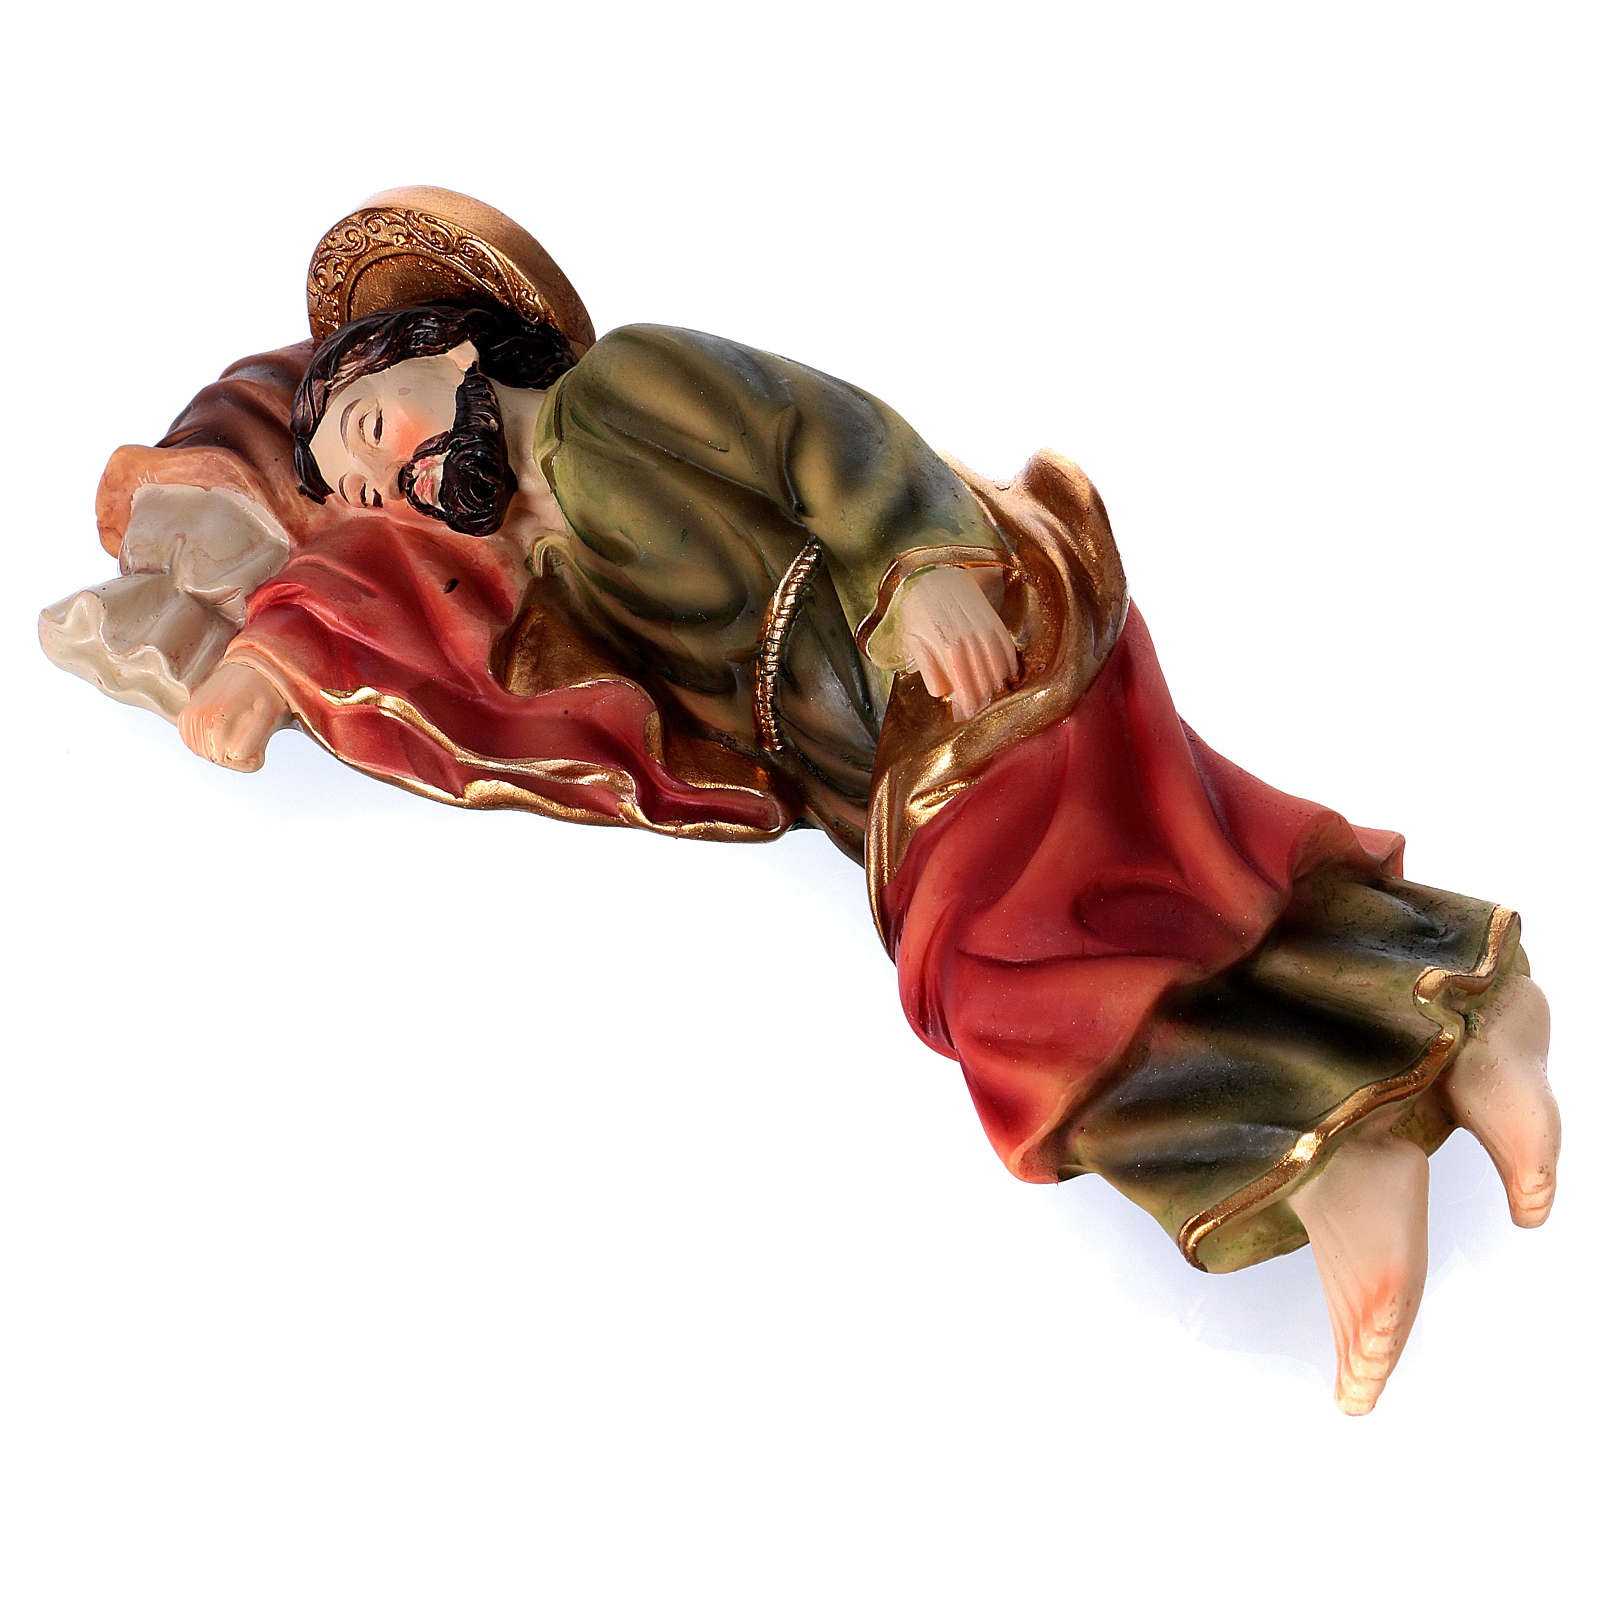 São José dormindo para presépio resina com figuras 20 cm altura média 3